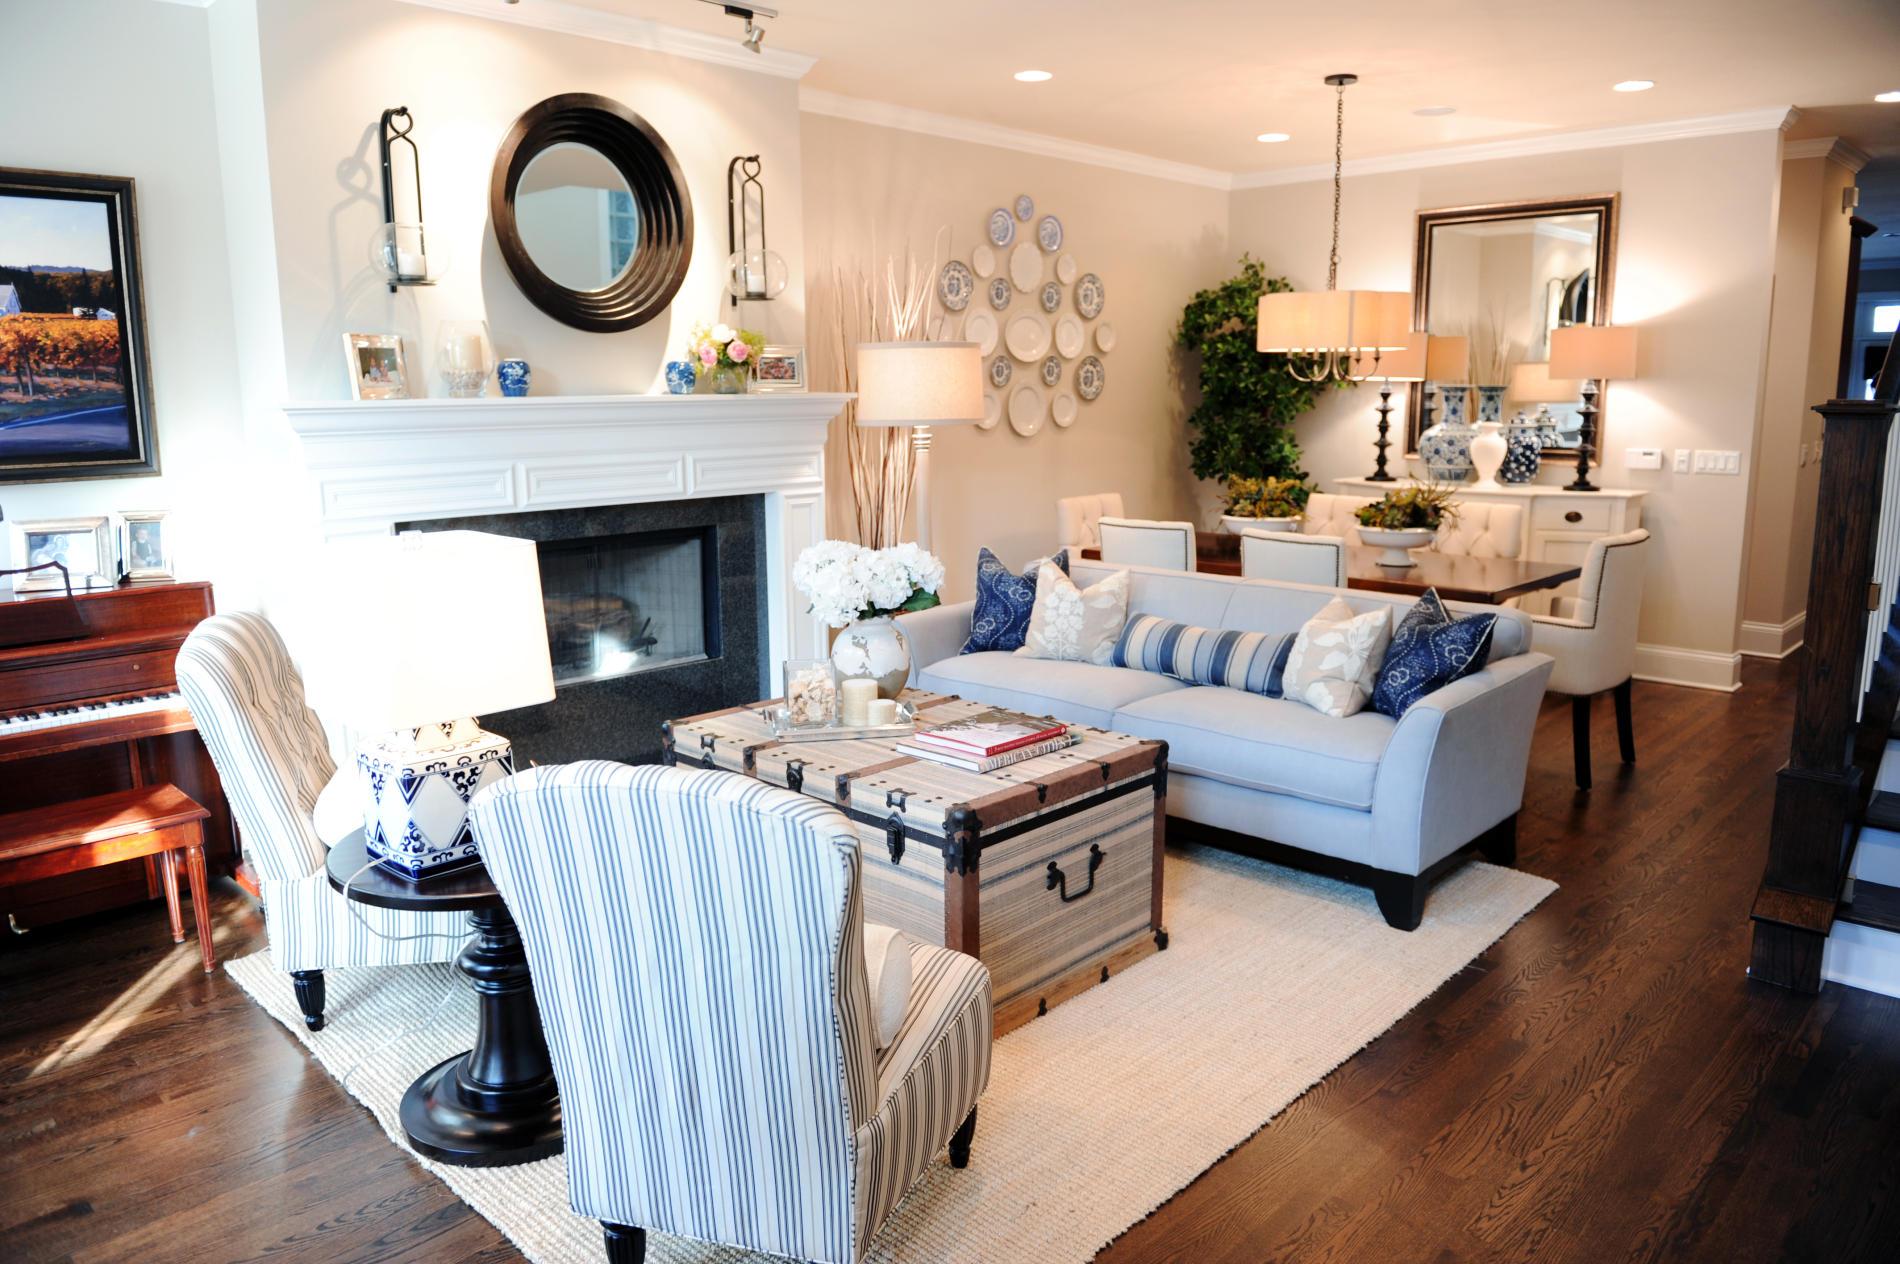 дизайн дома гостиная столовая.jpg